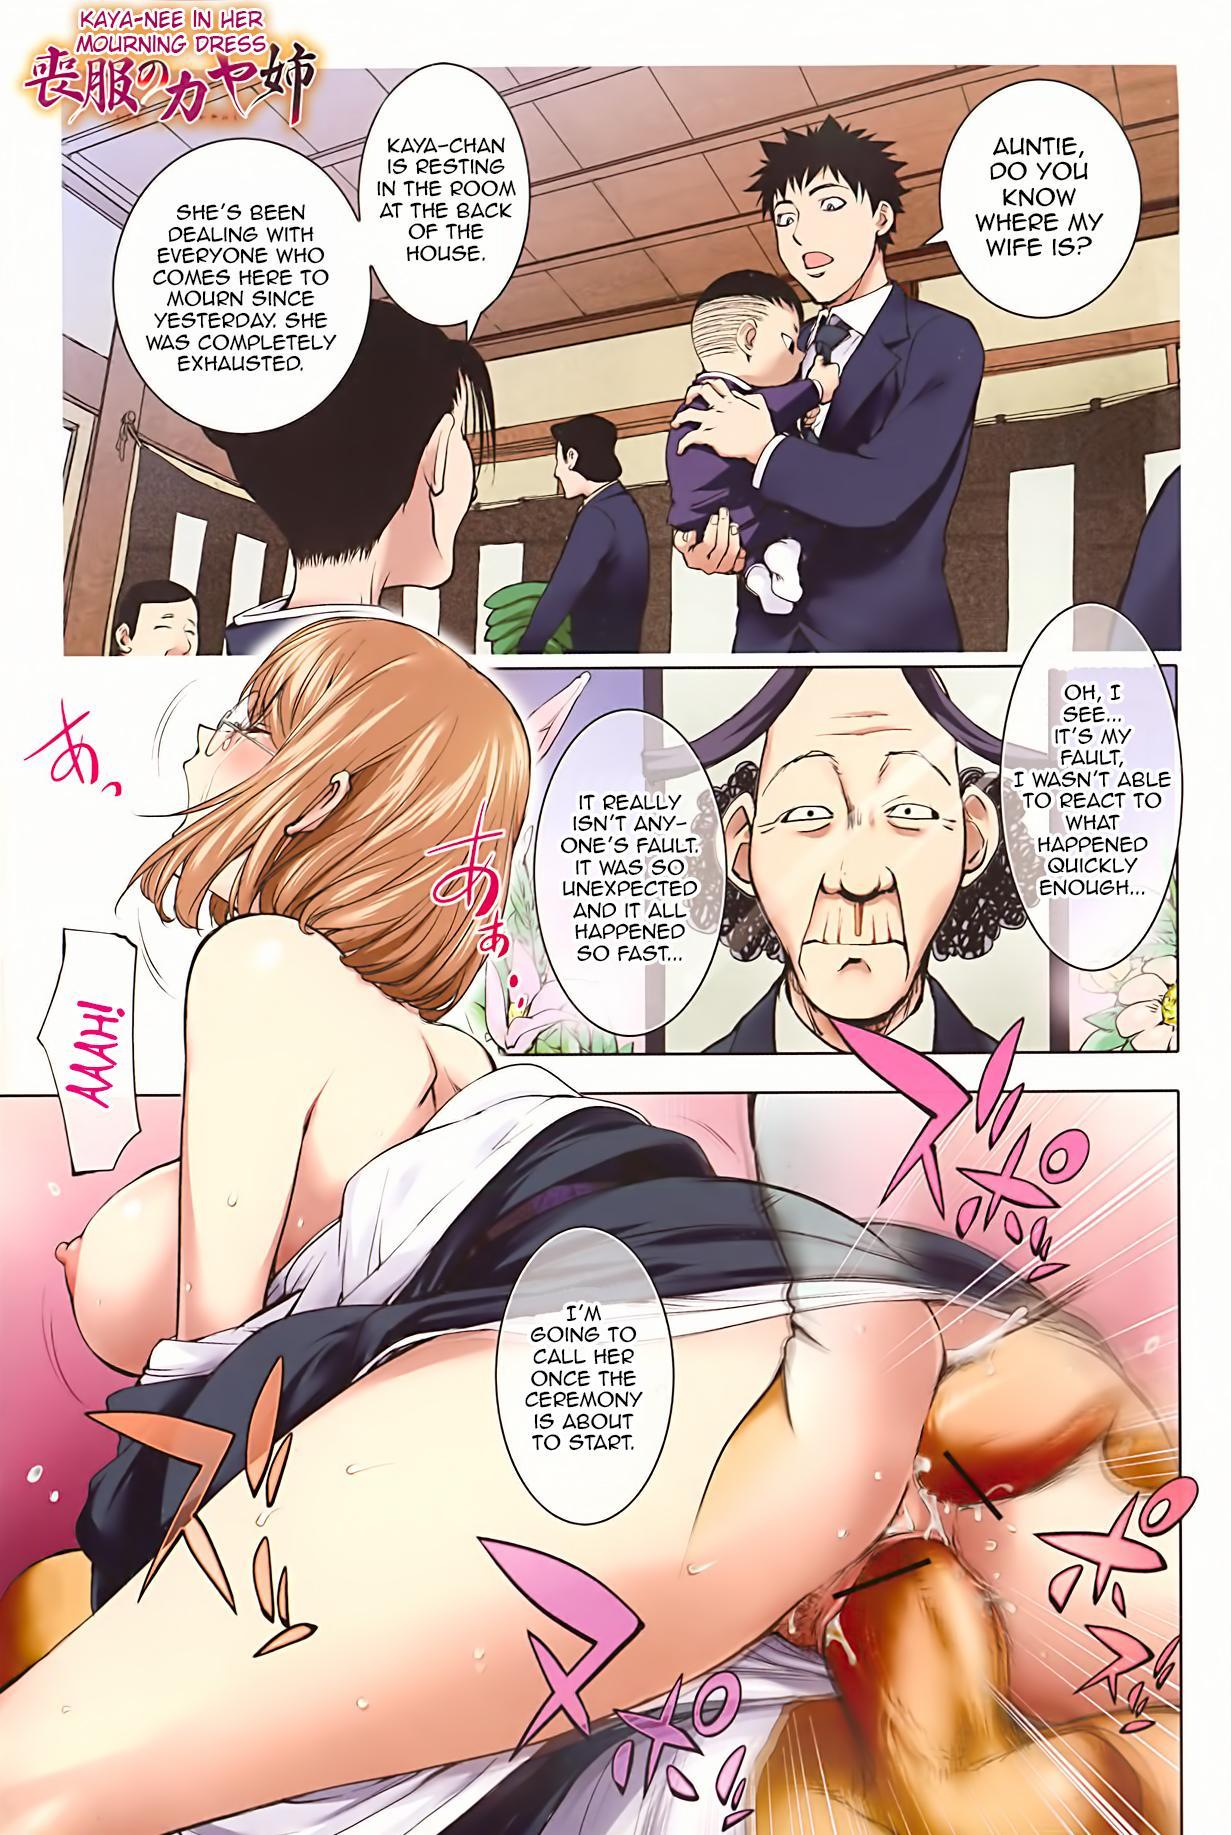 [Kon-kit] Mofuku no Kaya-nee | Kaya-Nee in her Mourning Dress (Bishoujo Kakumei KIWAME Road 2013-06 Vol. 7) [English] [QBtranslations] 0